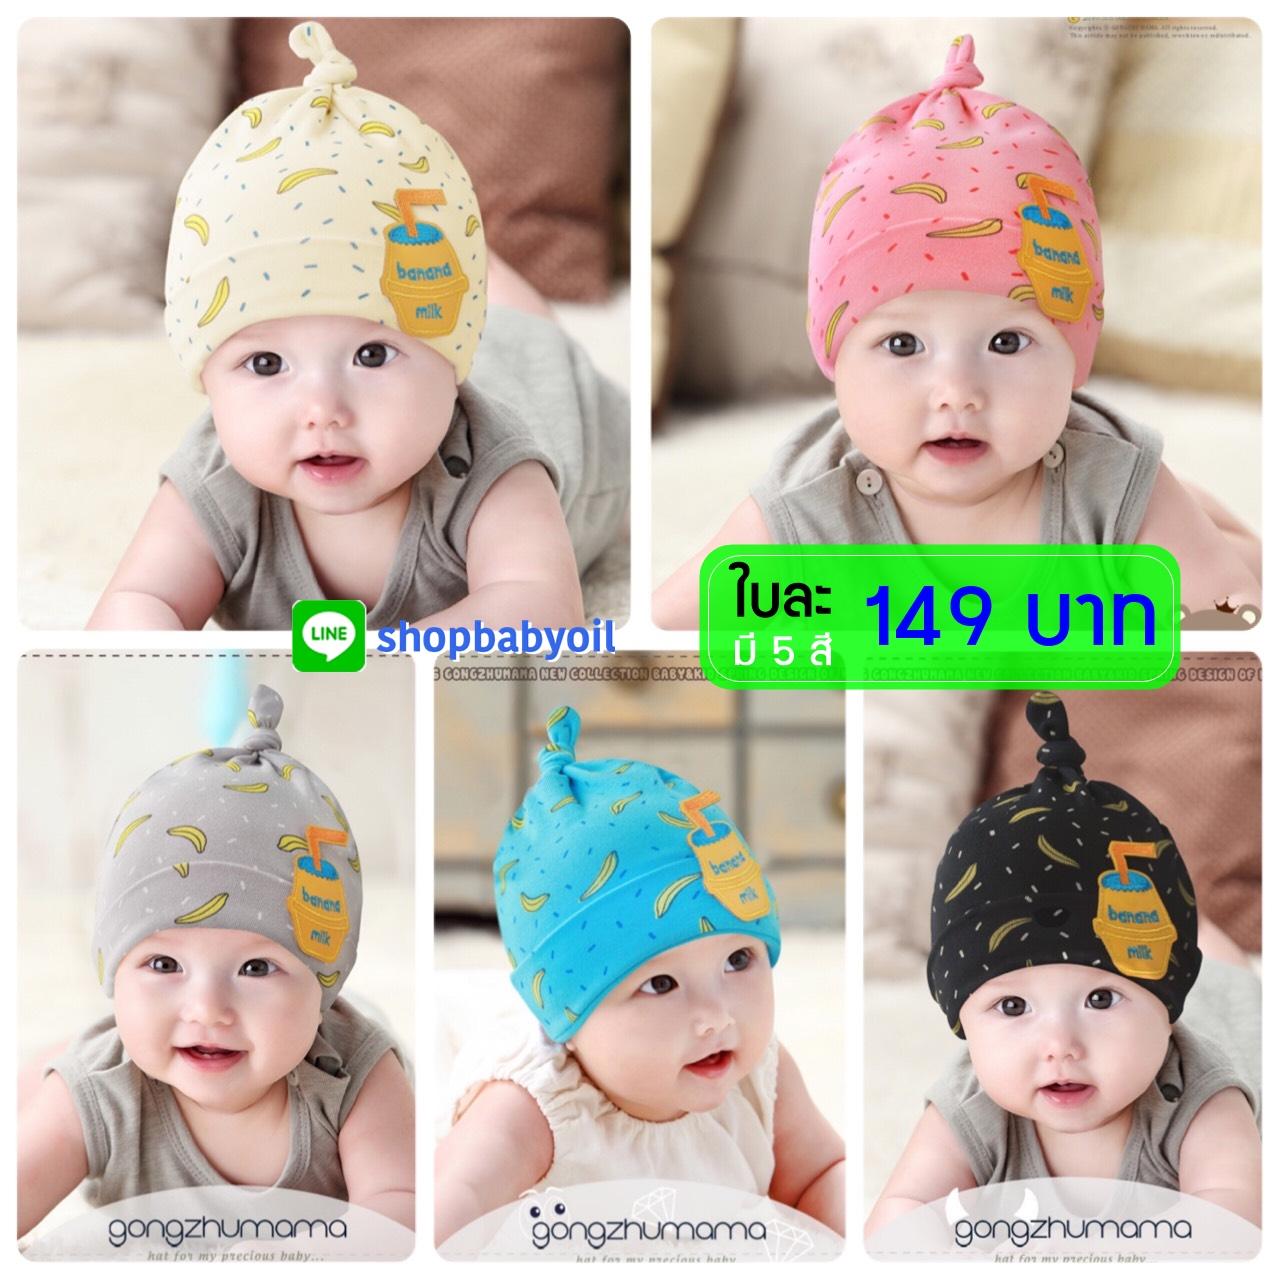 หมวกบีนนี่ หมวกเด็กสวมแบบแนบศีรษะ ลายกล้วย Banana milk (มี 5 สี)